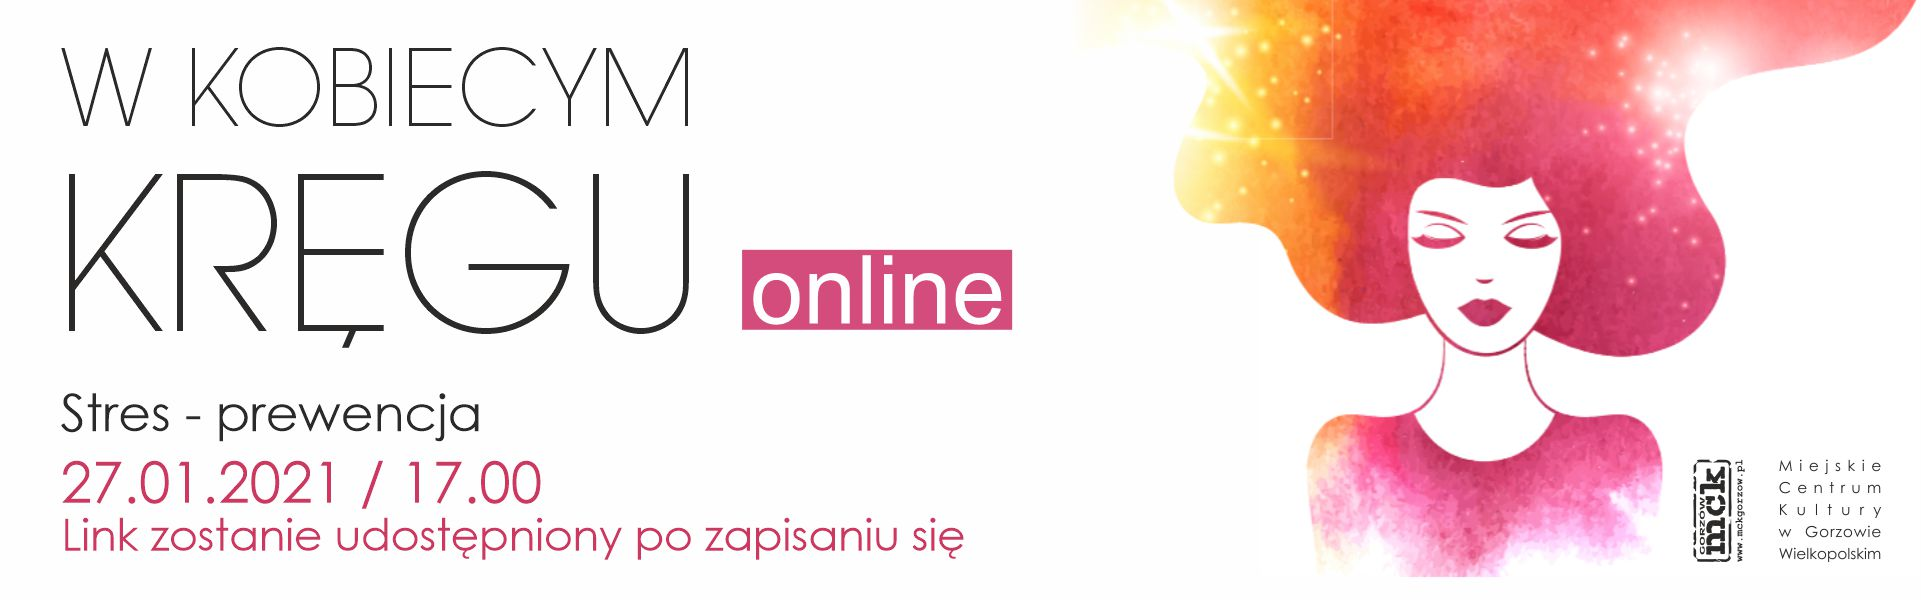 2021 01 27 baner strona www w kobiecym kręgu - stres - online